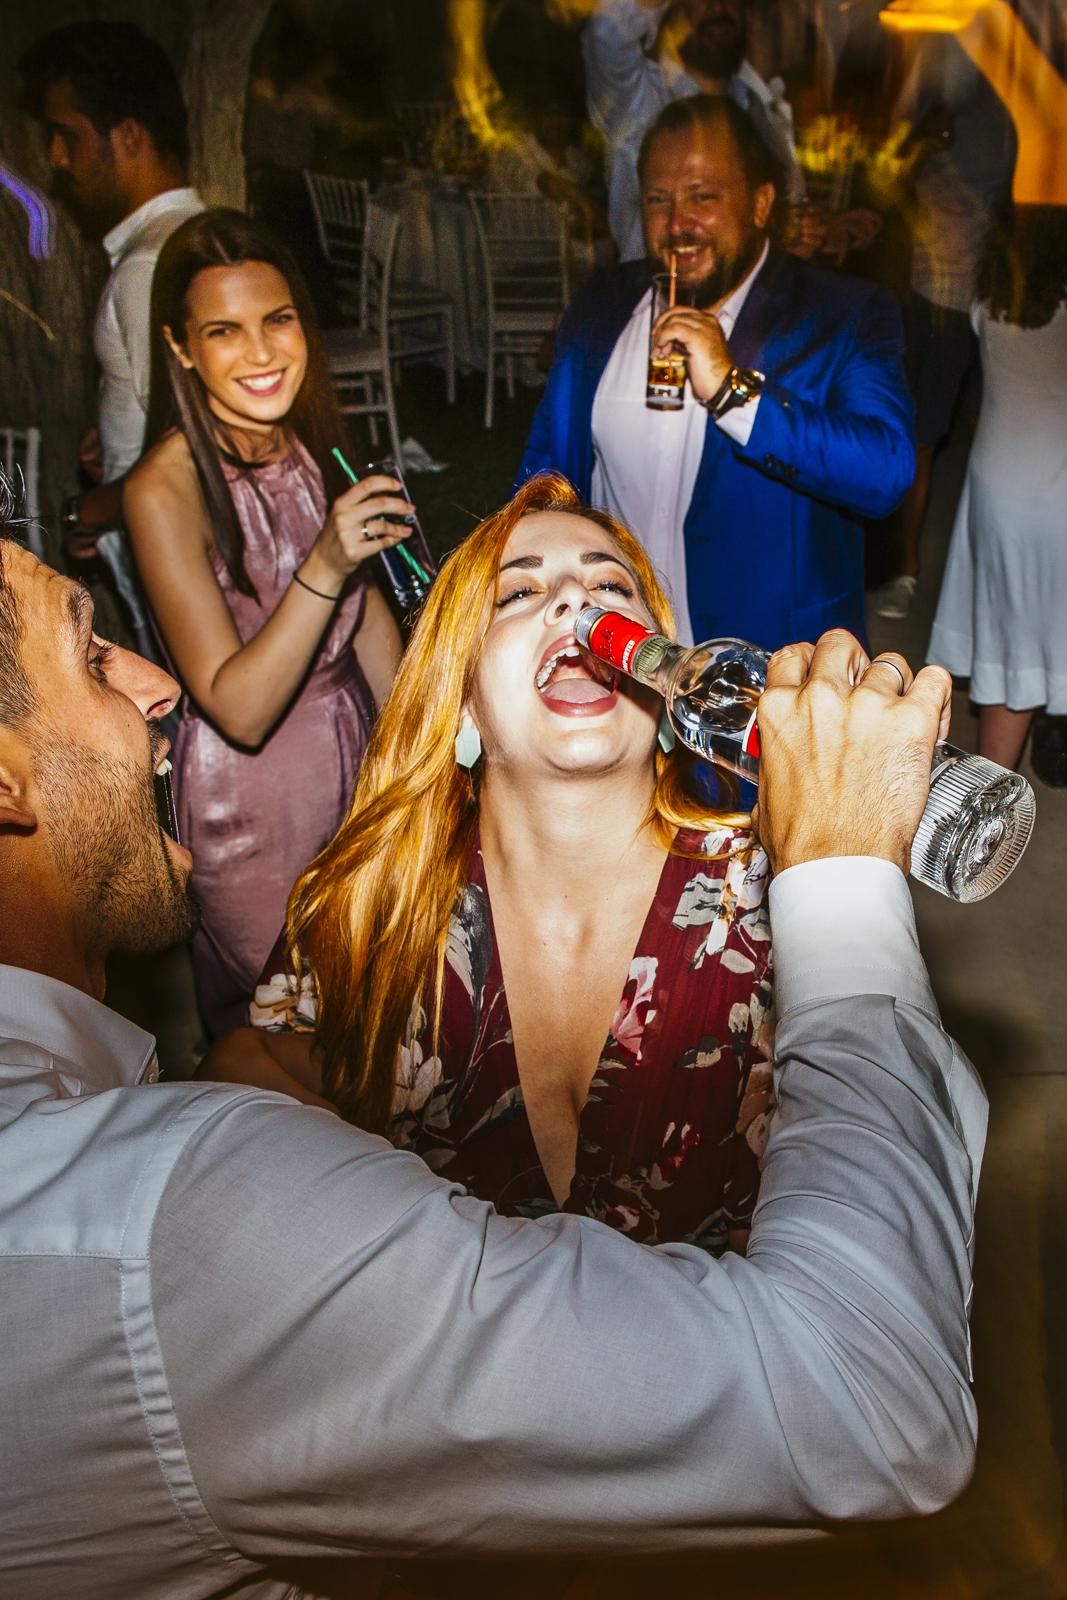 γαμος μονεμβασια φωτογραφιες (6).jpg